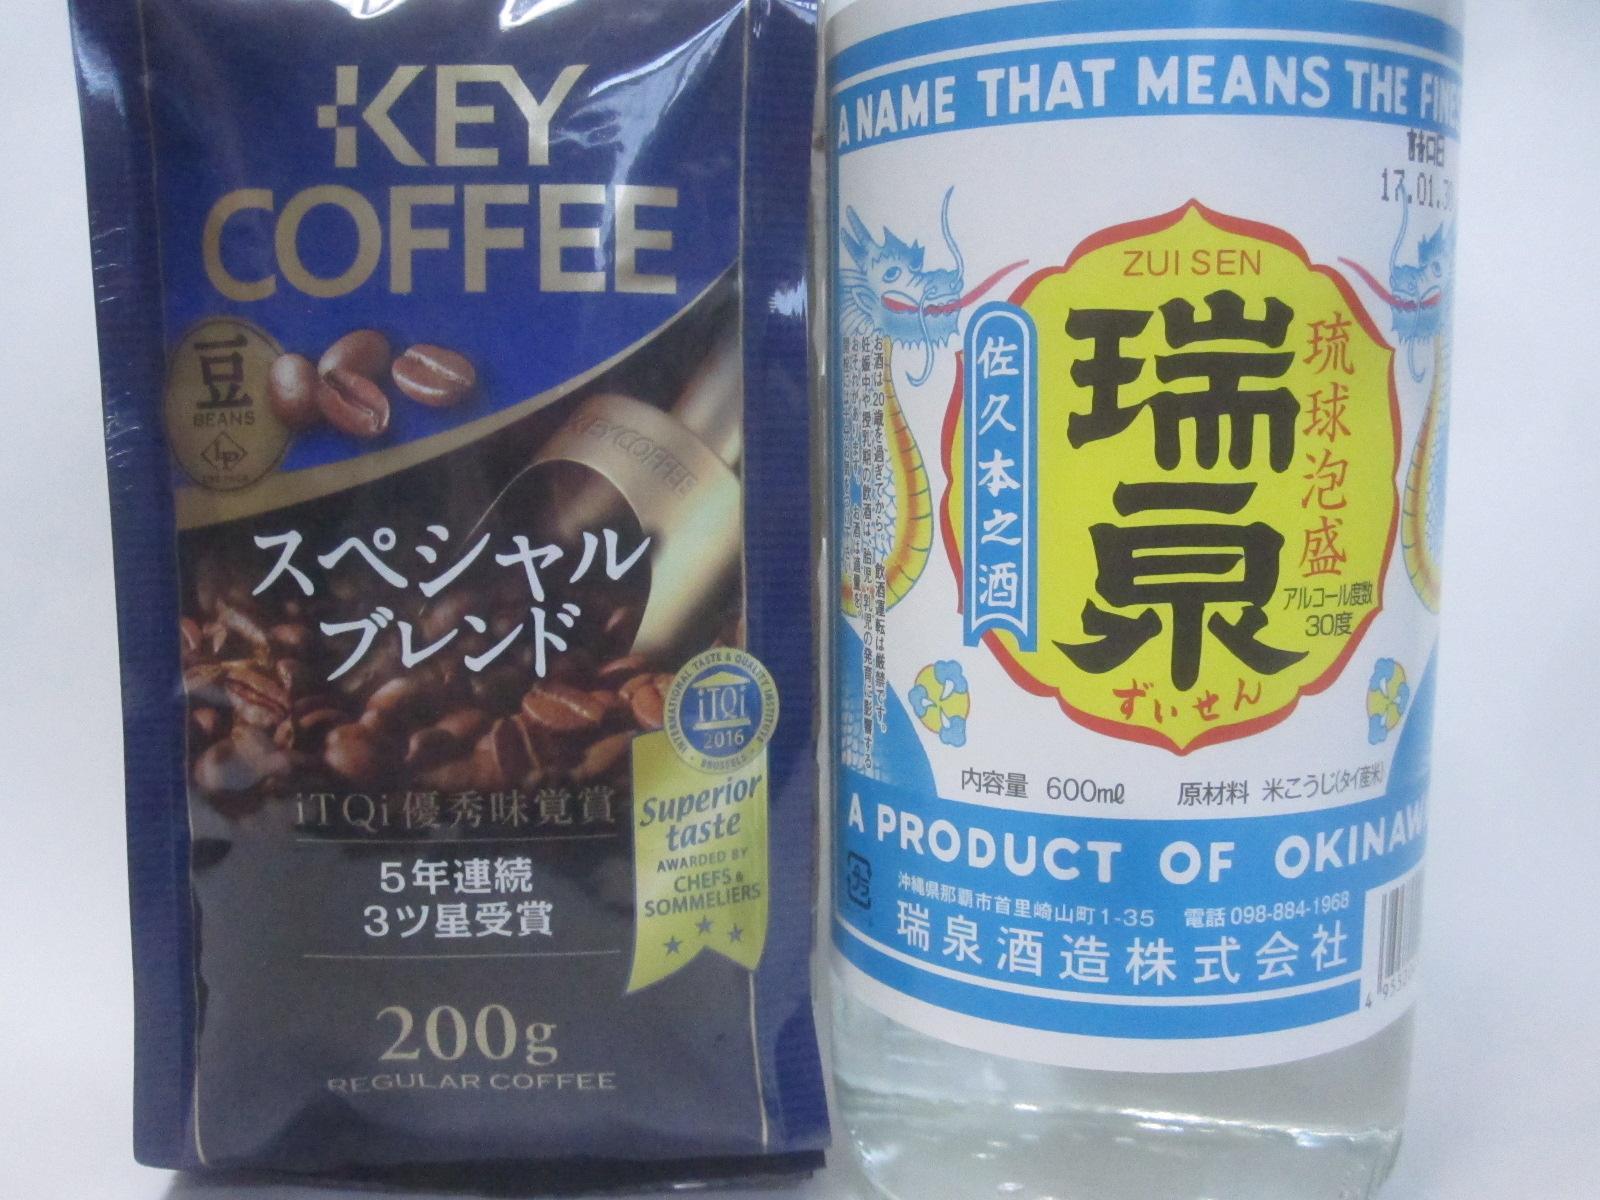 新品未開封の珈琲豆と泡盛「瑞泉」